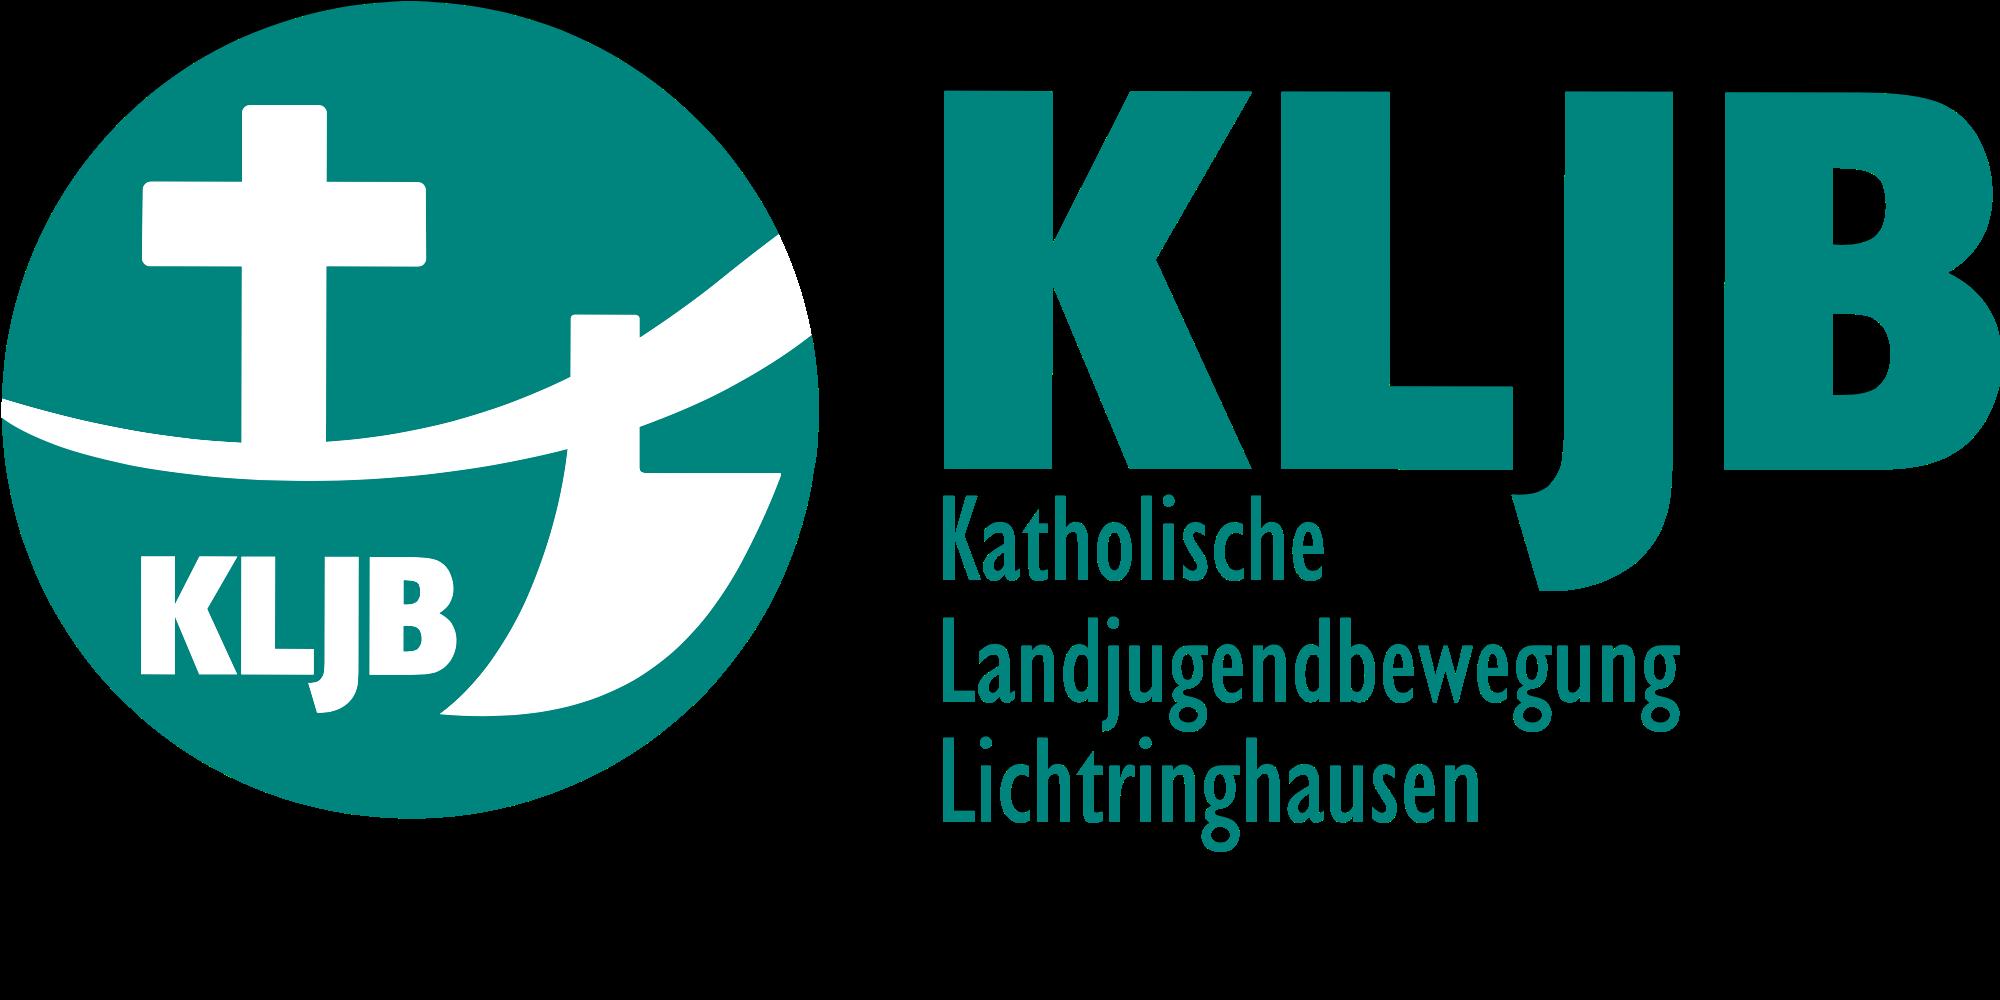 Kapelle Lichtringhausen